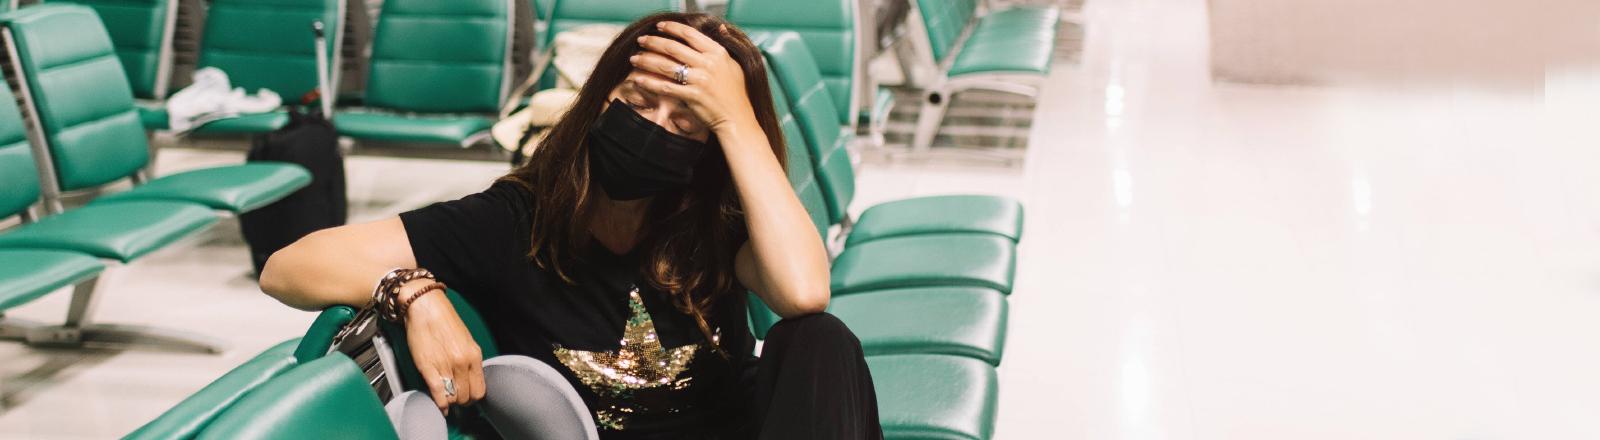 Eine Frau sitzt erschöpft in einer Flughafen-Wartehalle